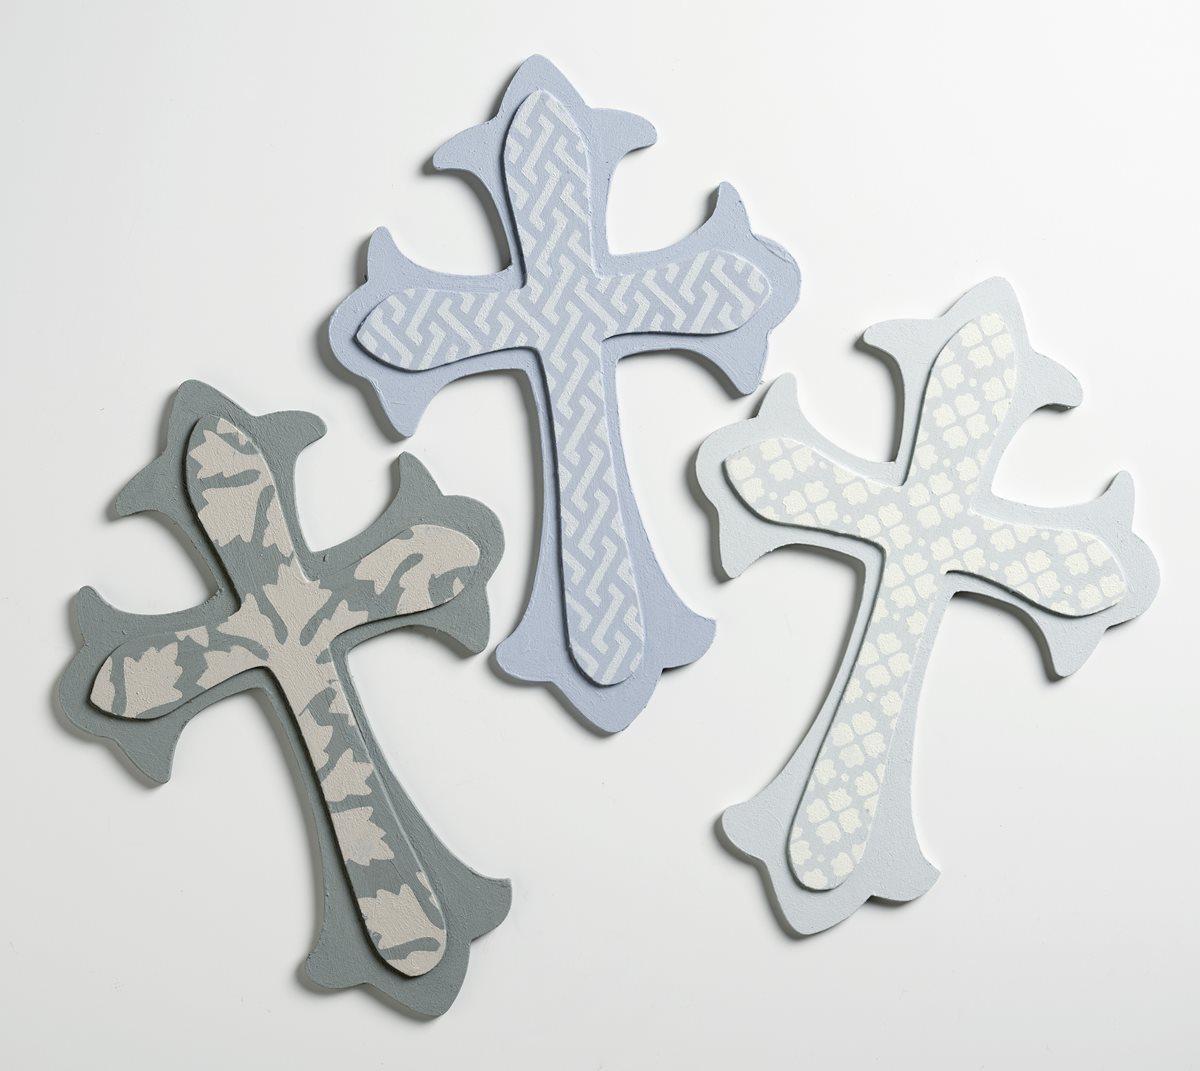 Terra Cotta Crosses